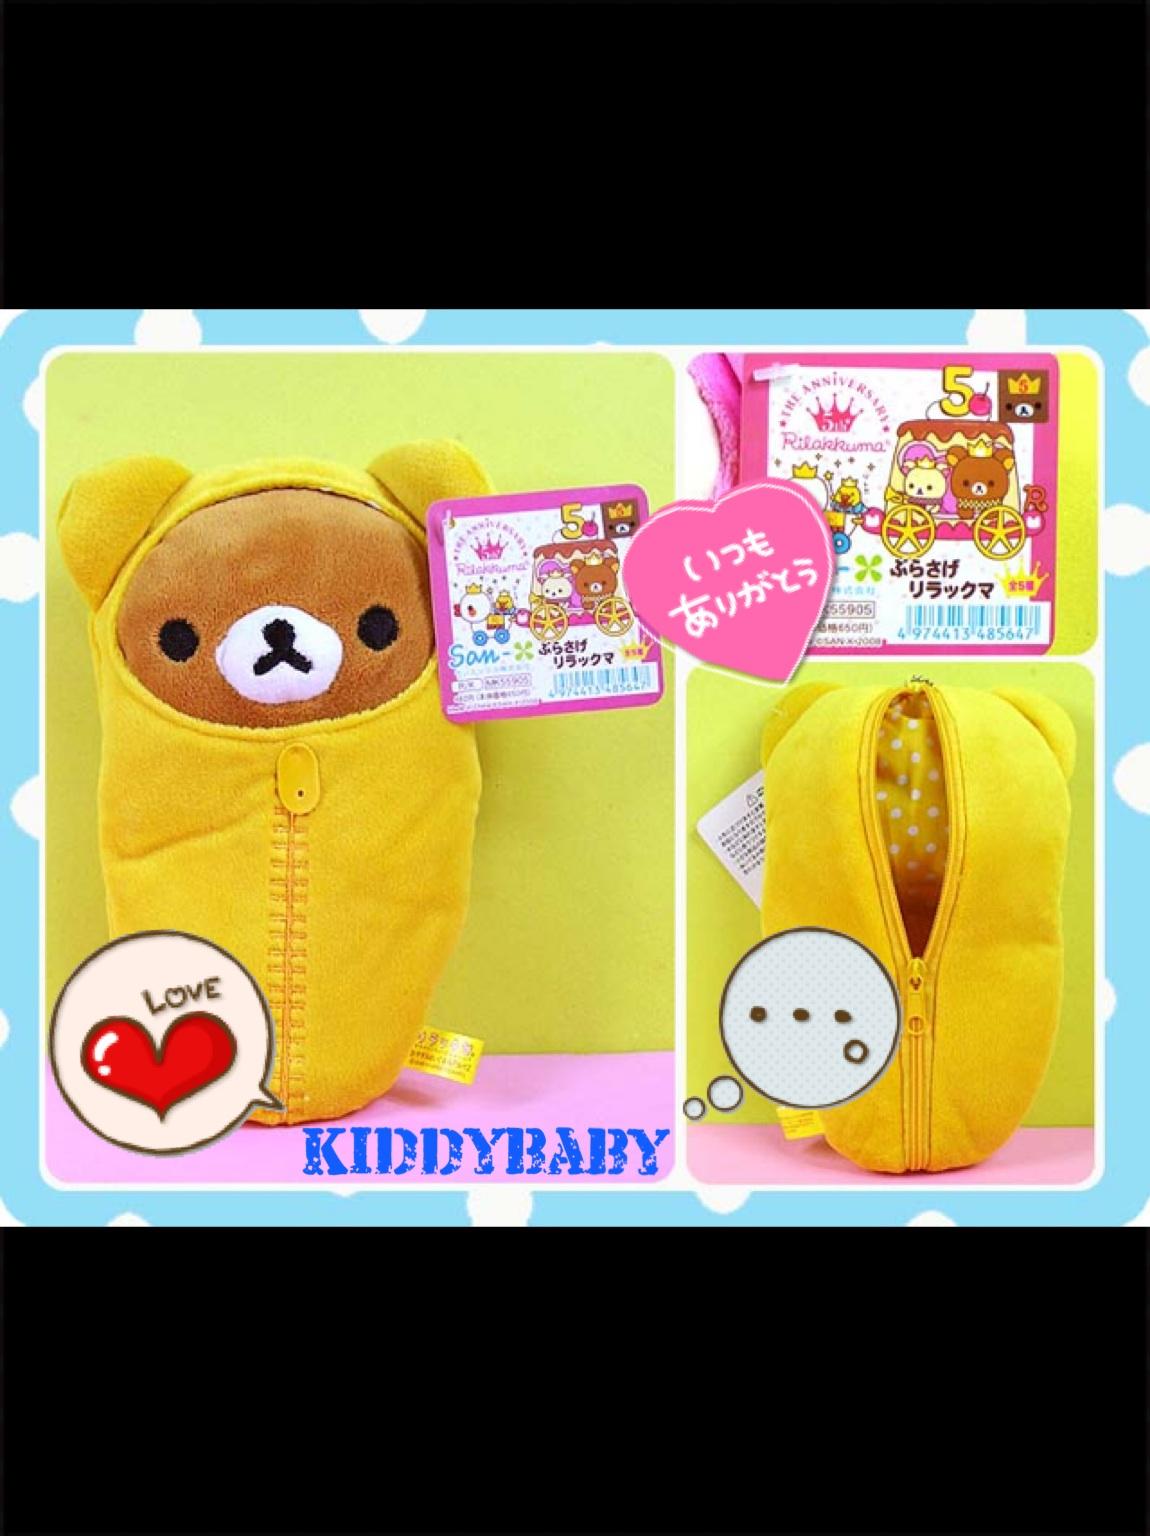 พร้อมส่งค่ะ Rilakkuma sleeping bag plush pencil case